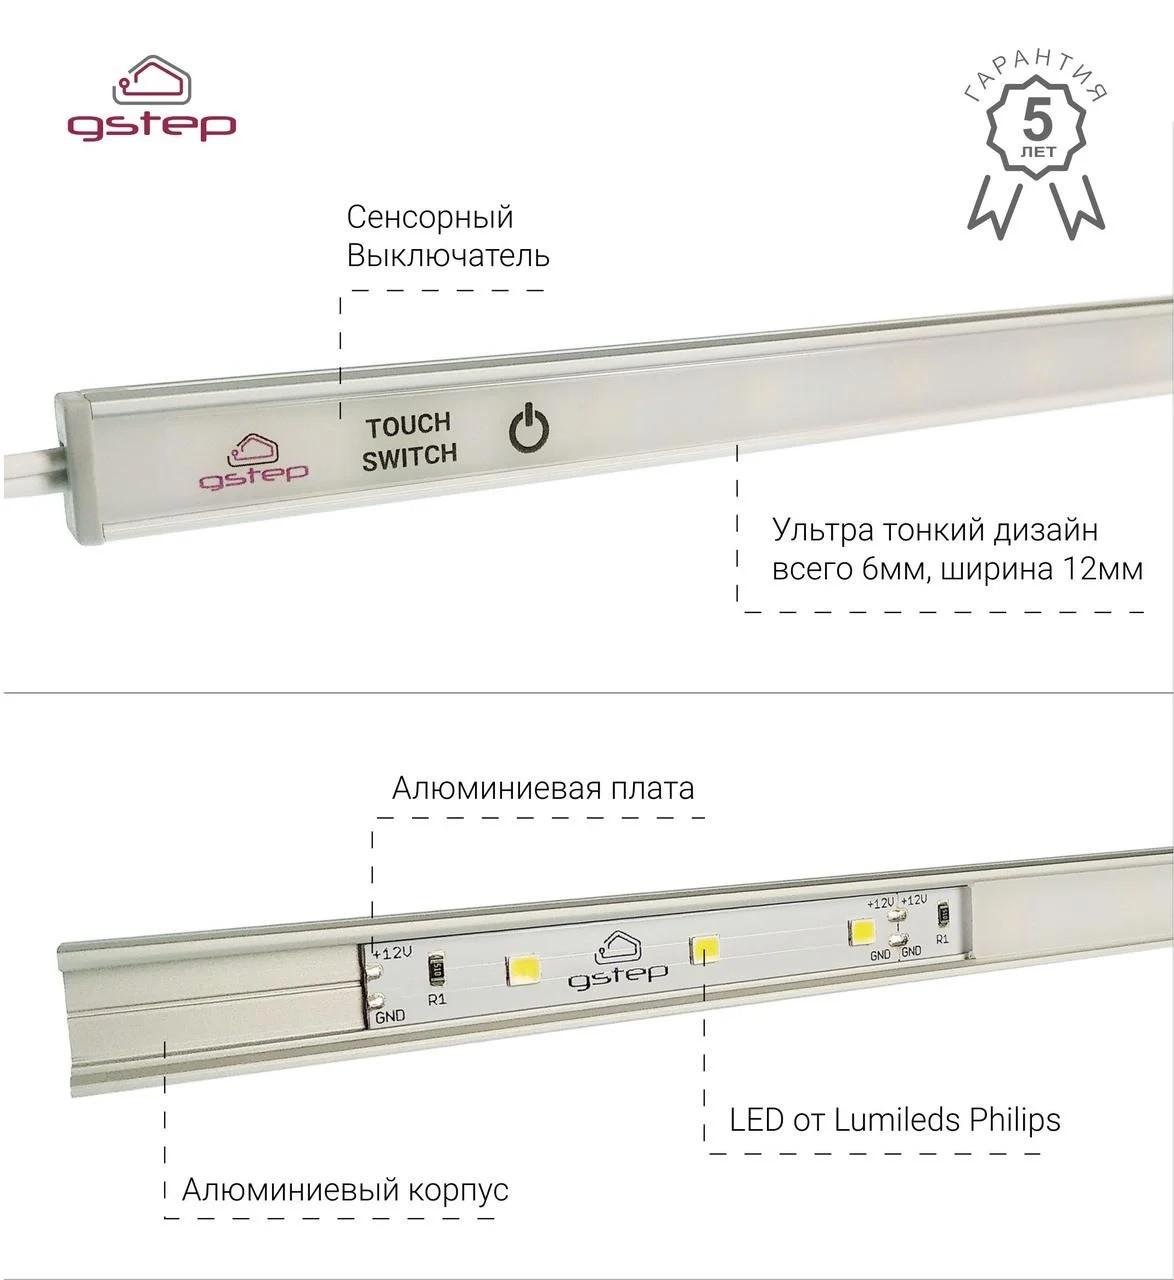 Gstep UCL 200 см сенсорная светодиодная подсветка Gstep. Нейтральный белый 4000К